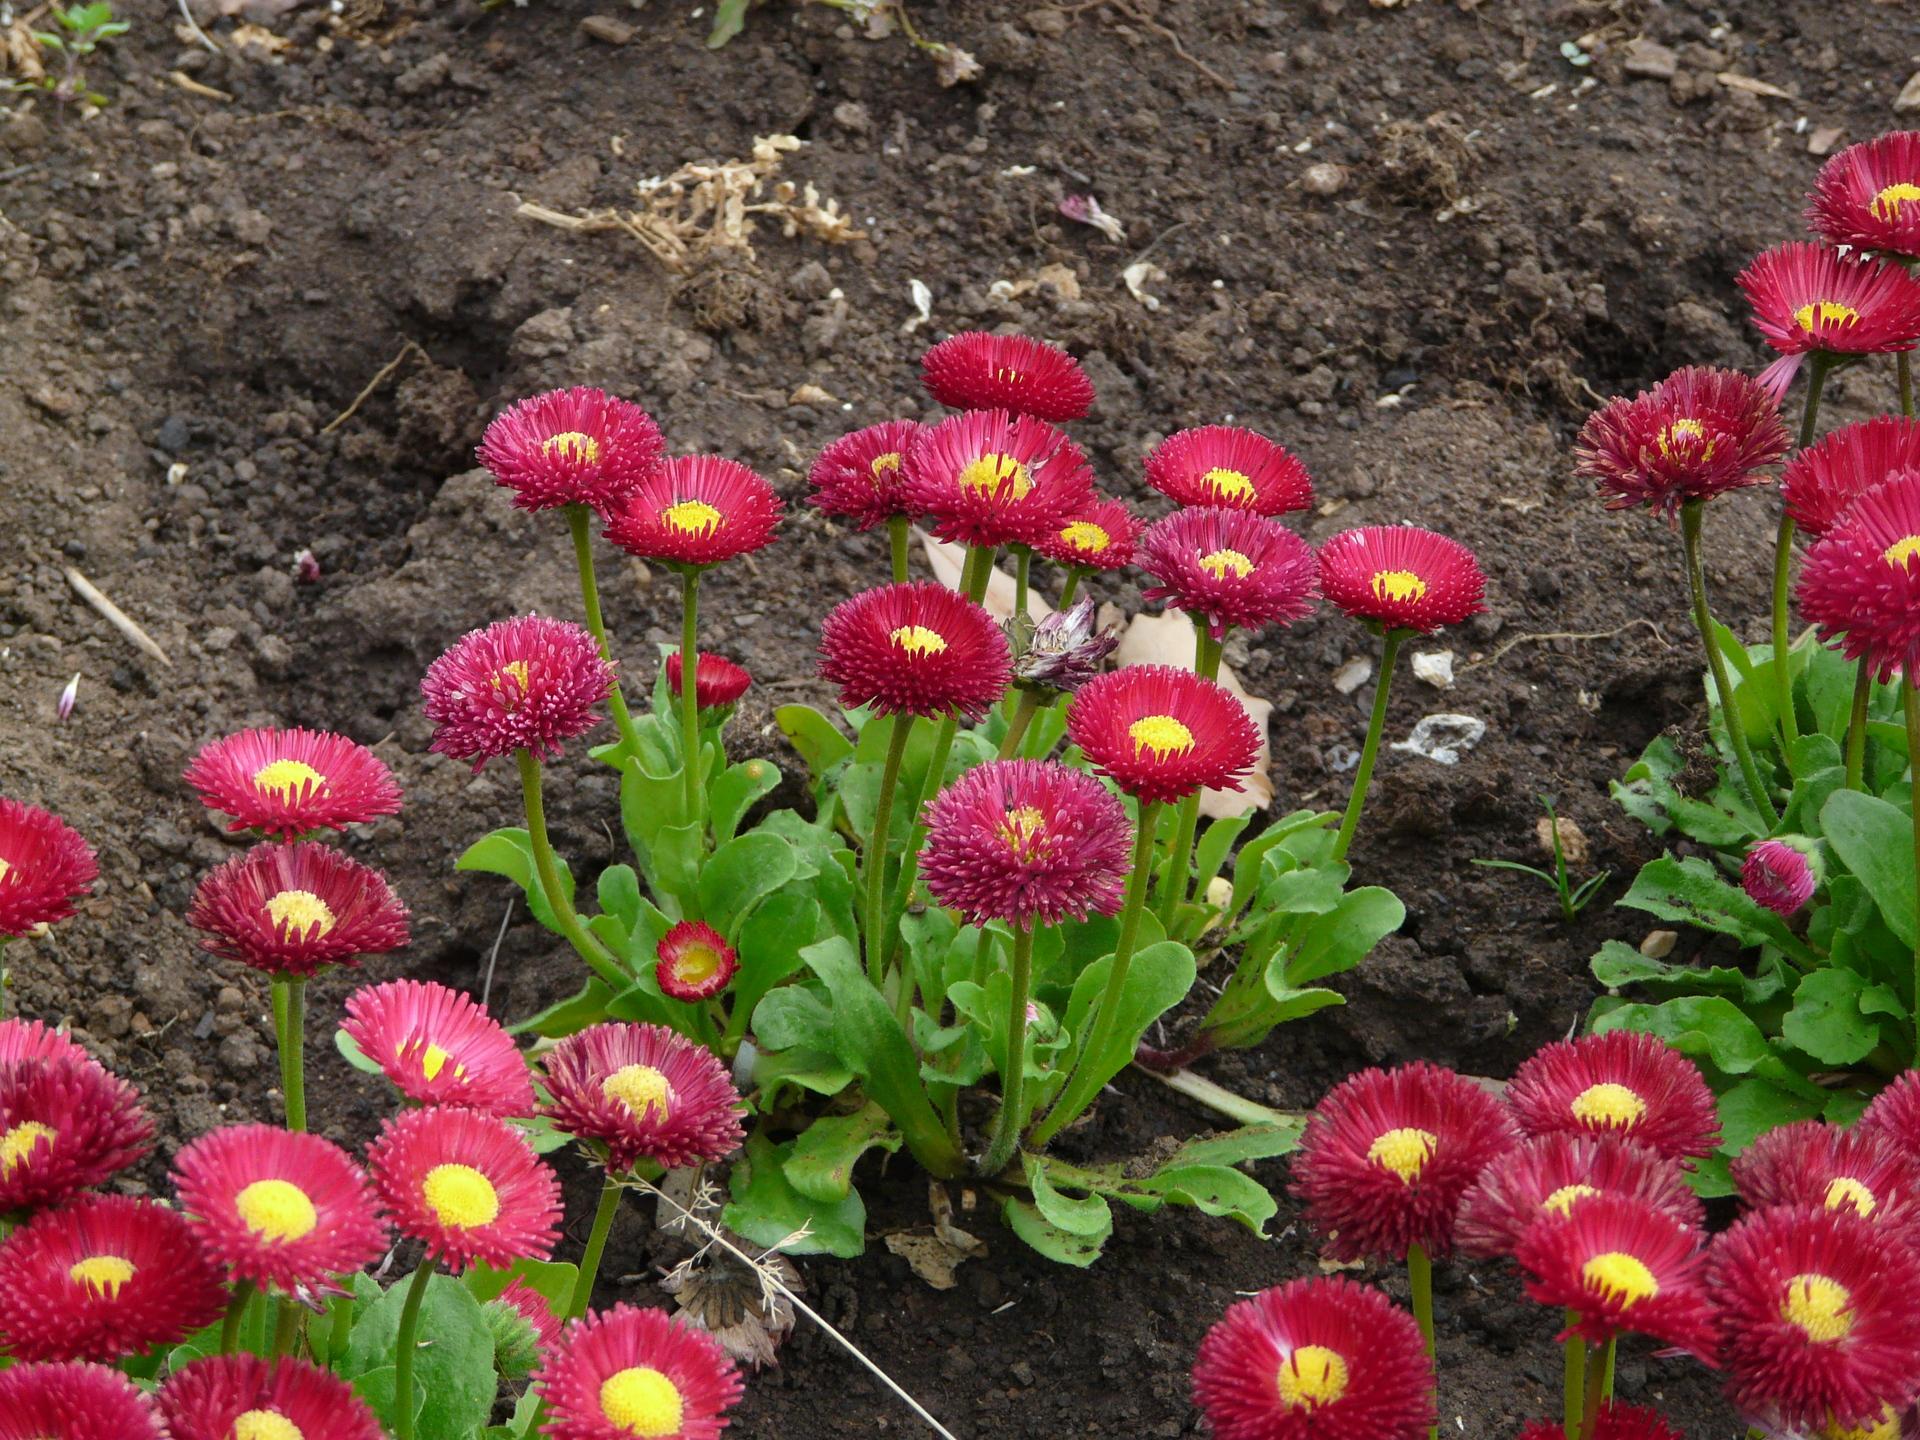 маргаритка весна красна фото защиты внешнего шума